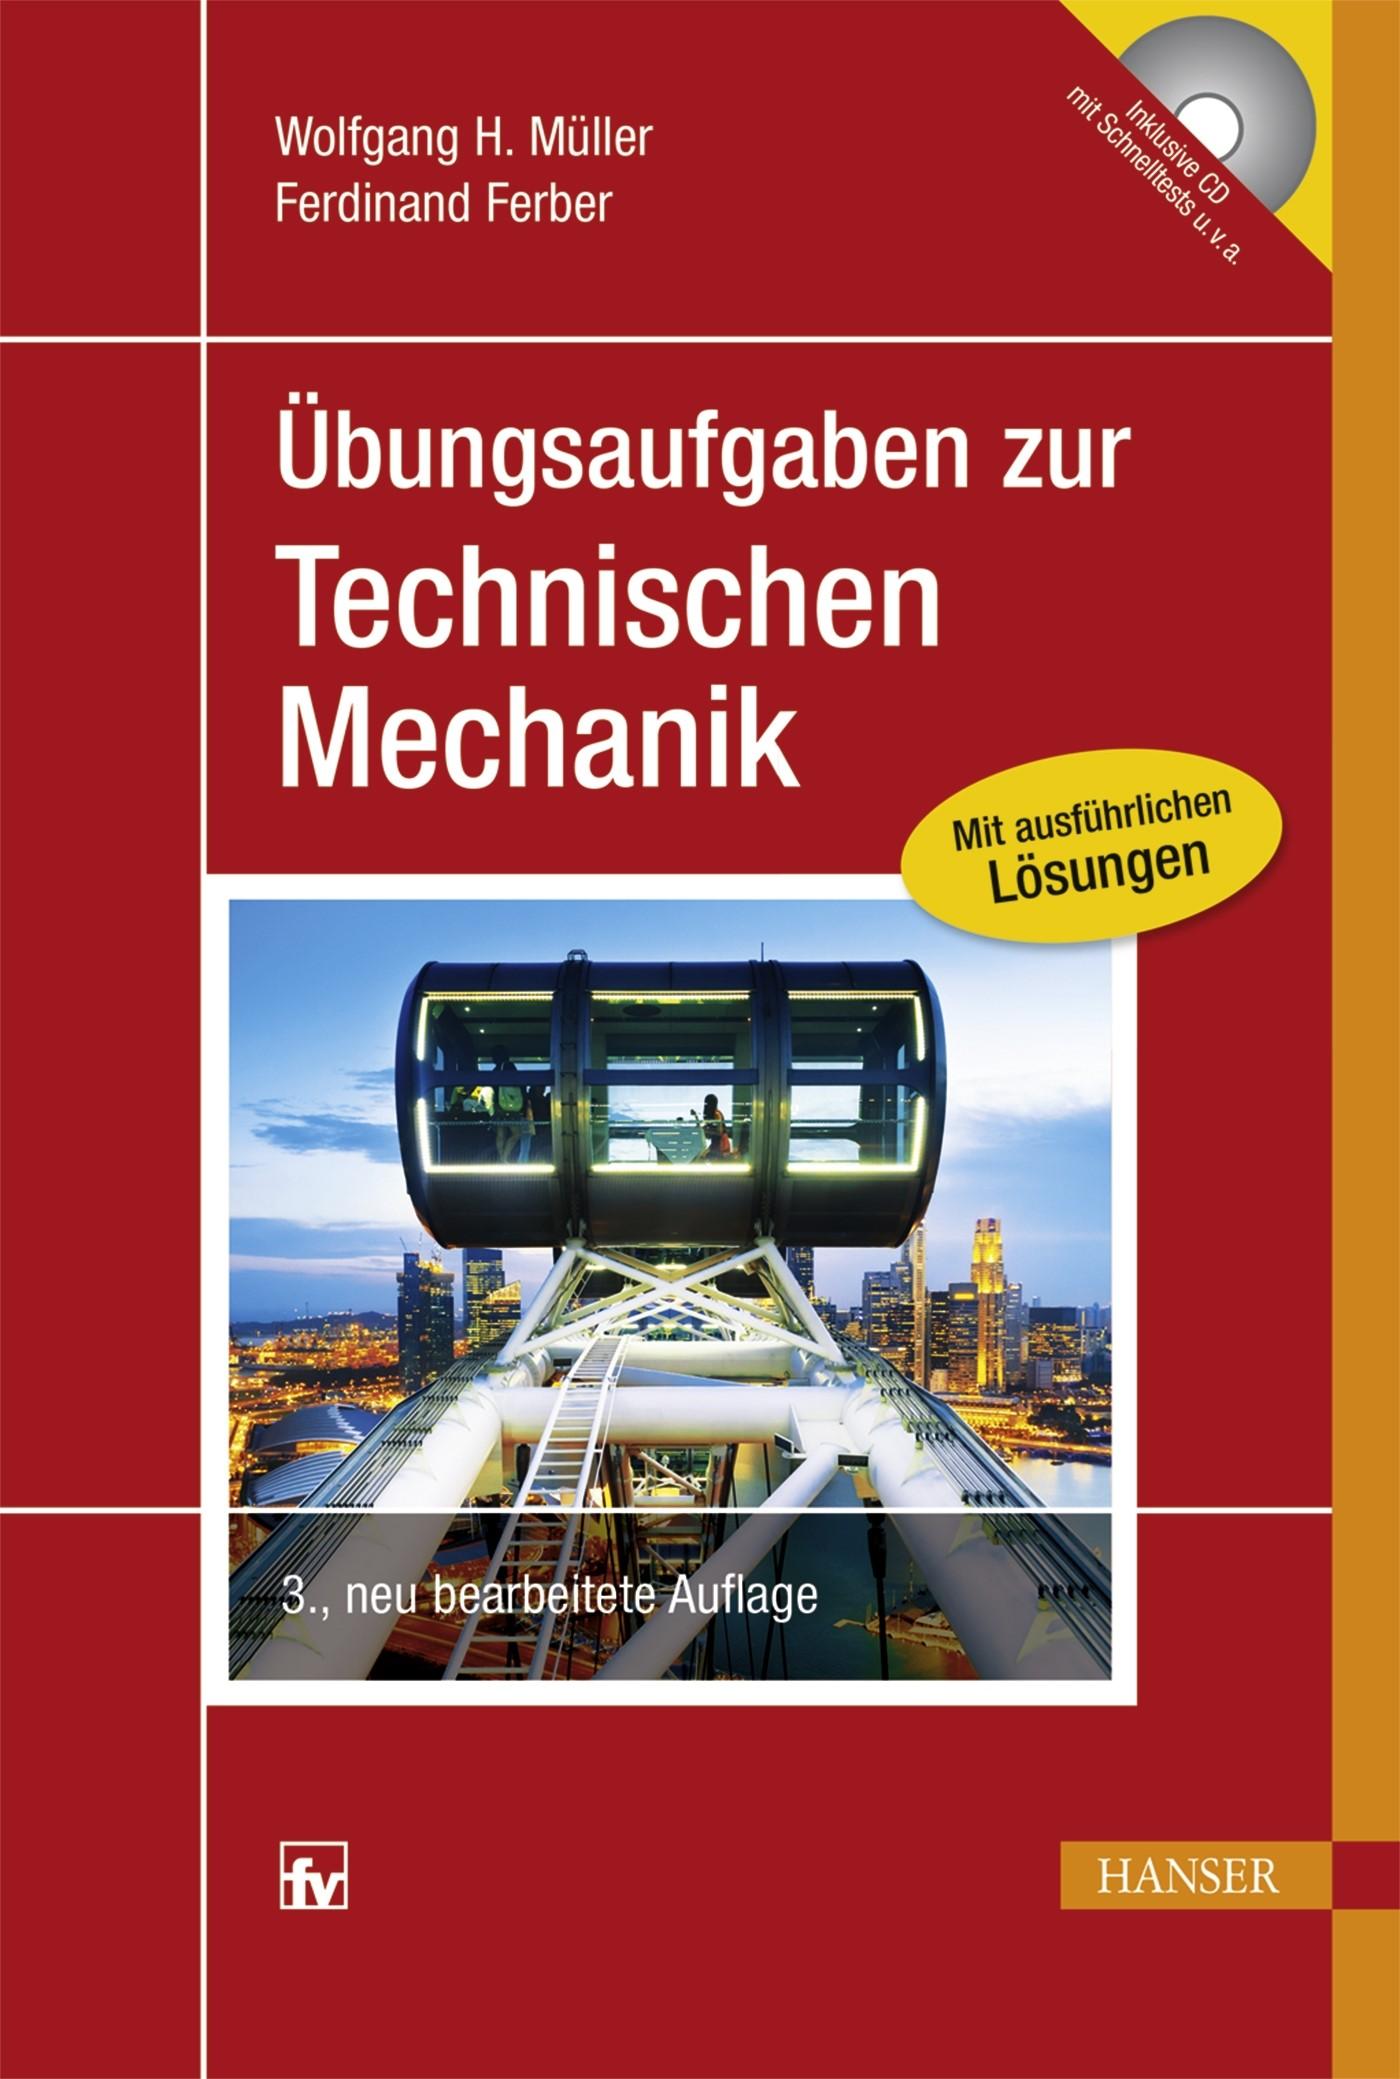 Übungsaufgaben zur Technischen Mechanik | Müller / Ferber | 3., neu bearbeitete Auflage, 2015 | Buch (Cover)